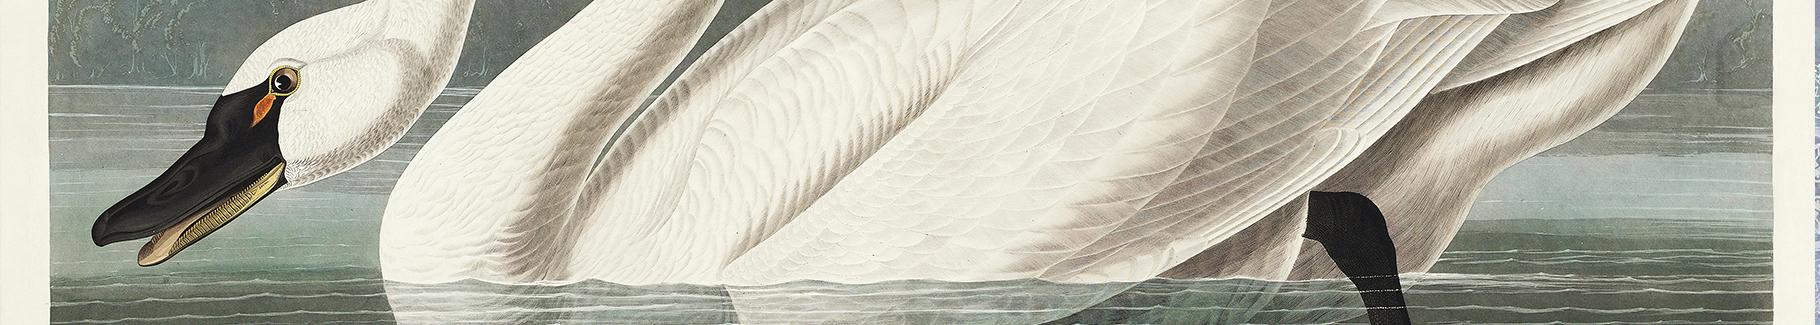 Fototapete weißer Höckerschwan